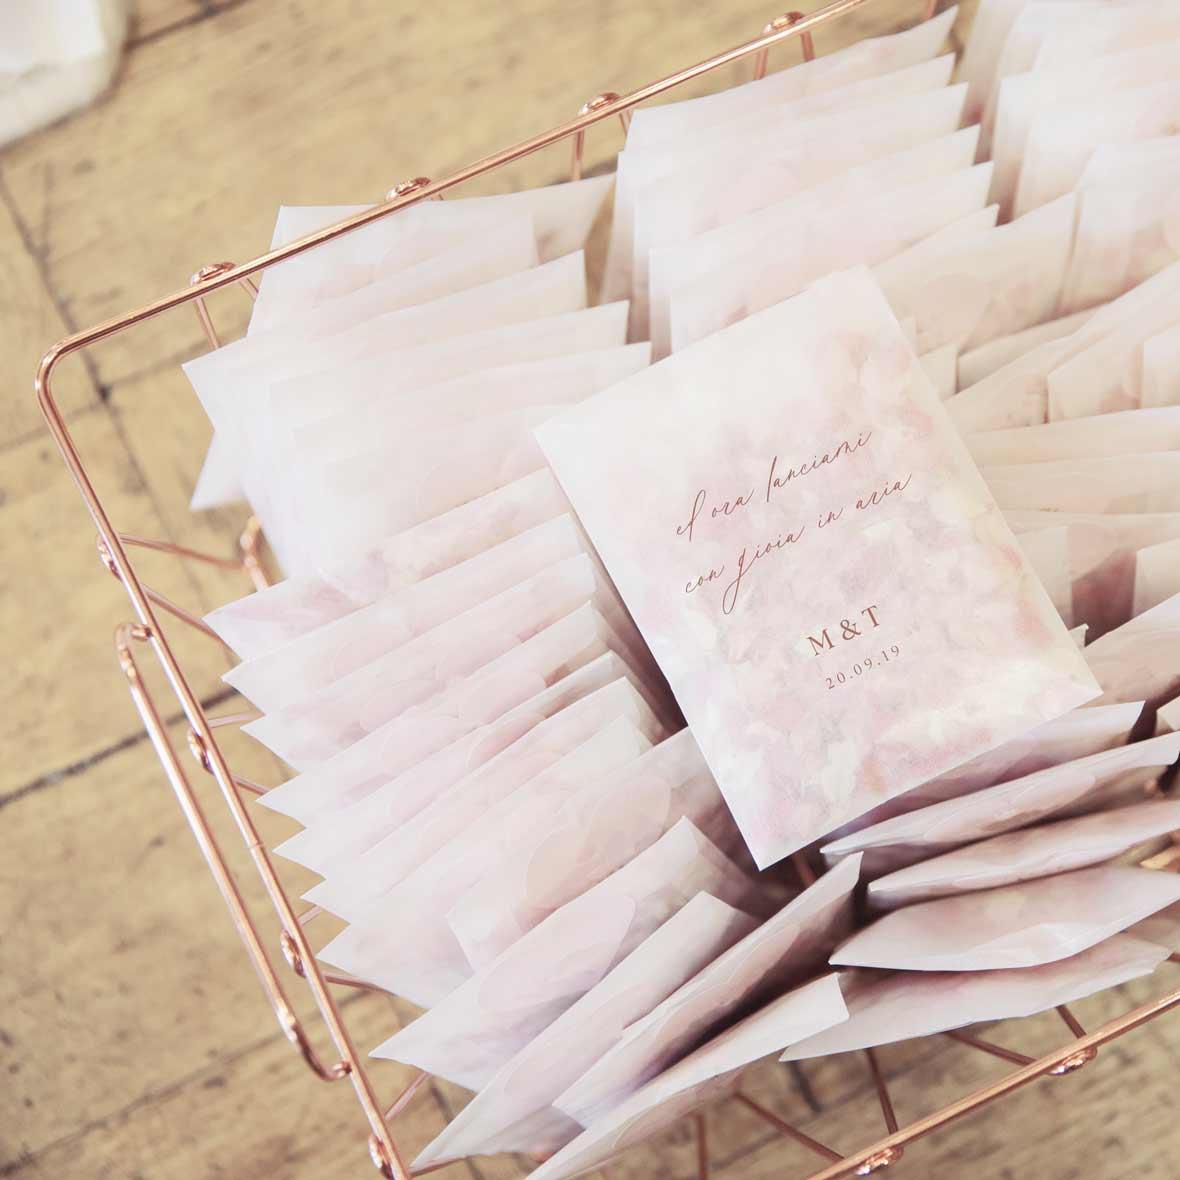 Coni-riso-personalizzati-petali-idee-idea-originale-matrimonio-nozze-wedding